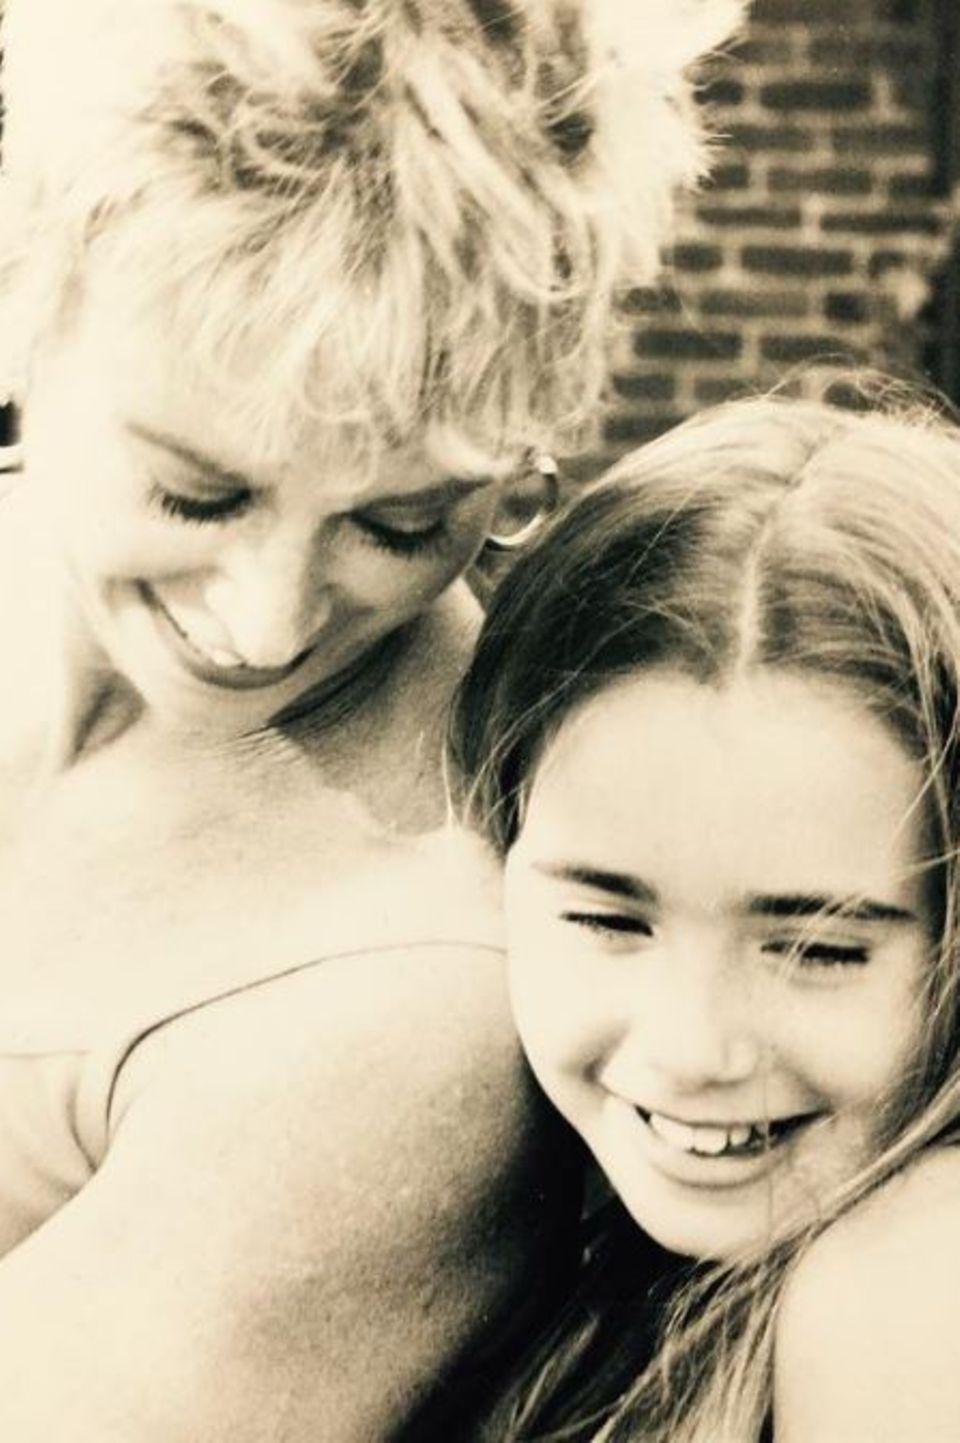 """Lily Collins postet zum Muttertag dieses schöne Foto von ihr und ihrer MutterJill Tavelman. Dazu hat sie emotionale Zeilen geschrieben: """"Ich bin nicht ich selbst ohne dich. Danke für deine Unterstützung vom ersten Tag an. Ich liebe dich über alles."""""""